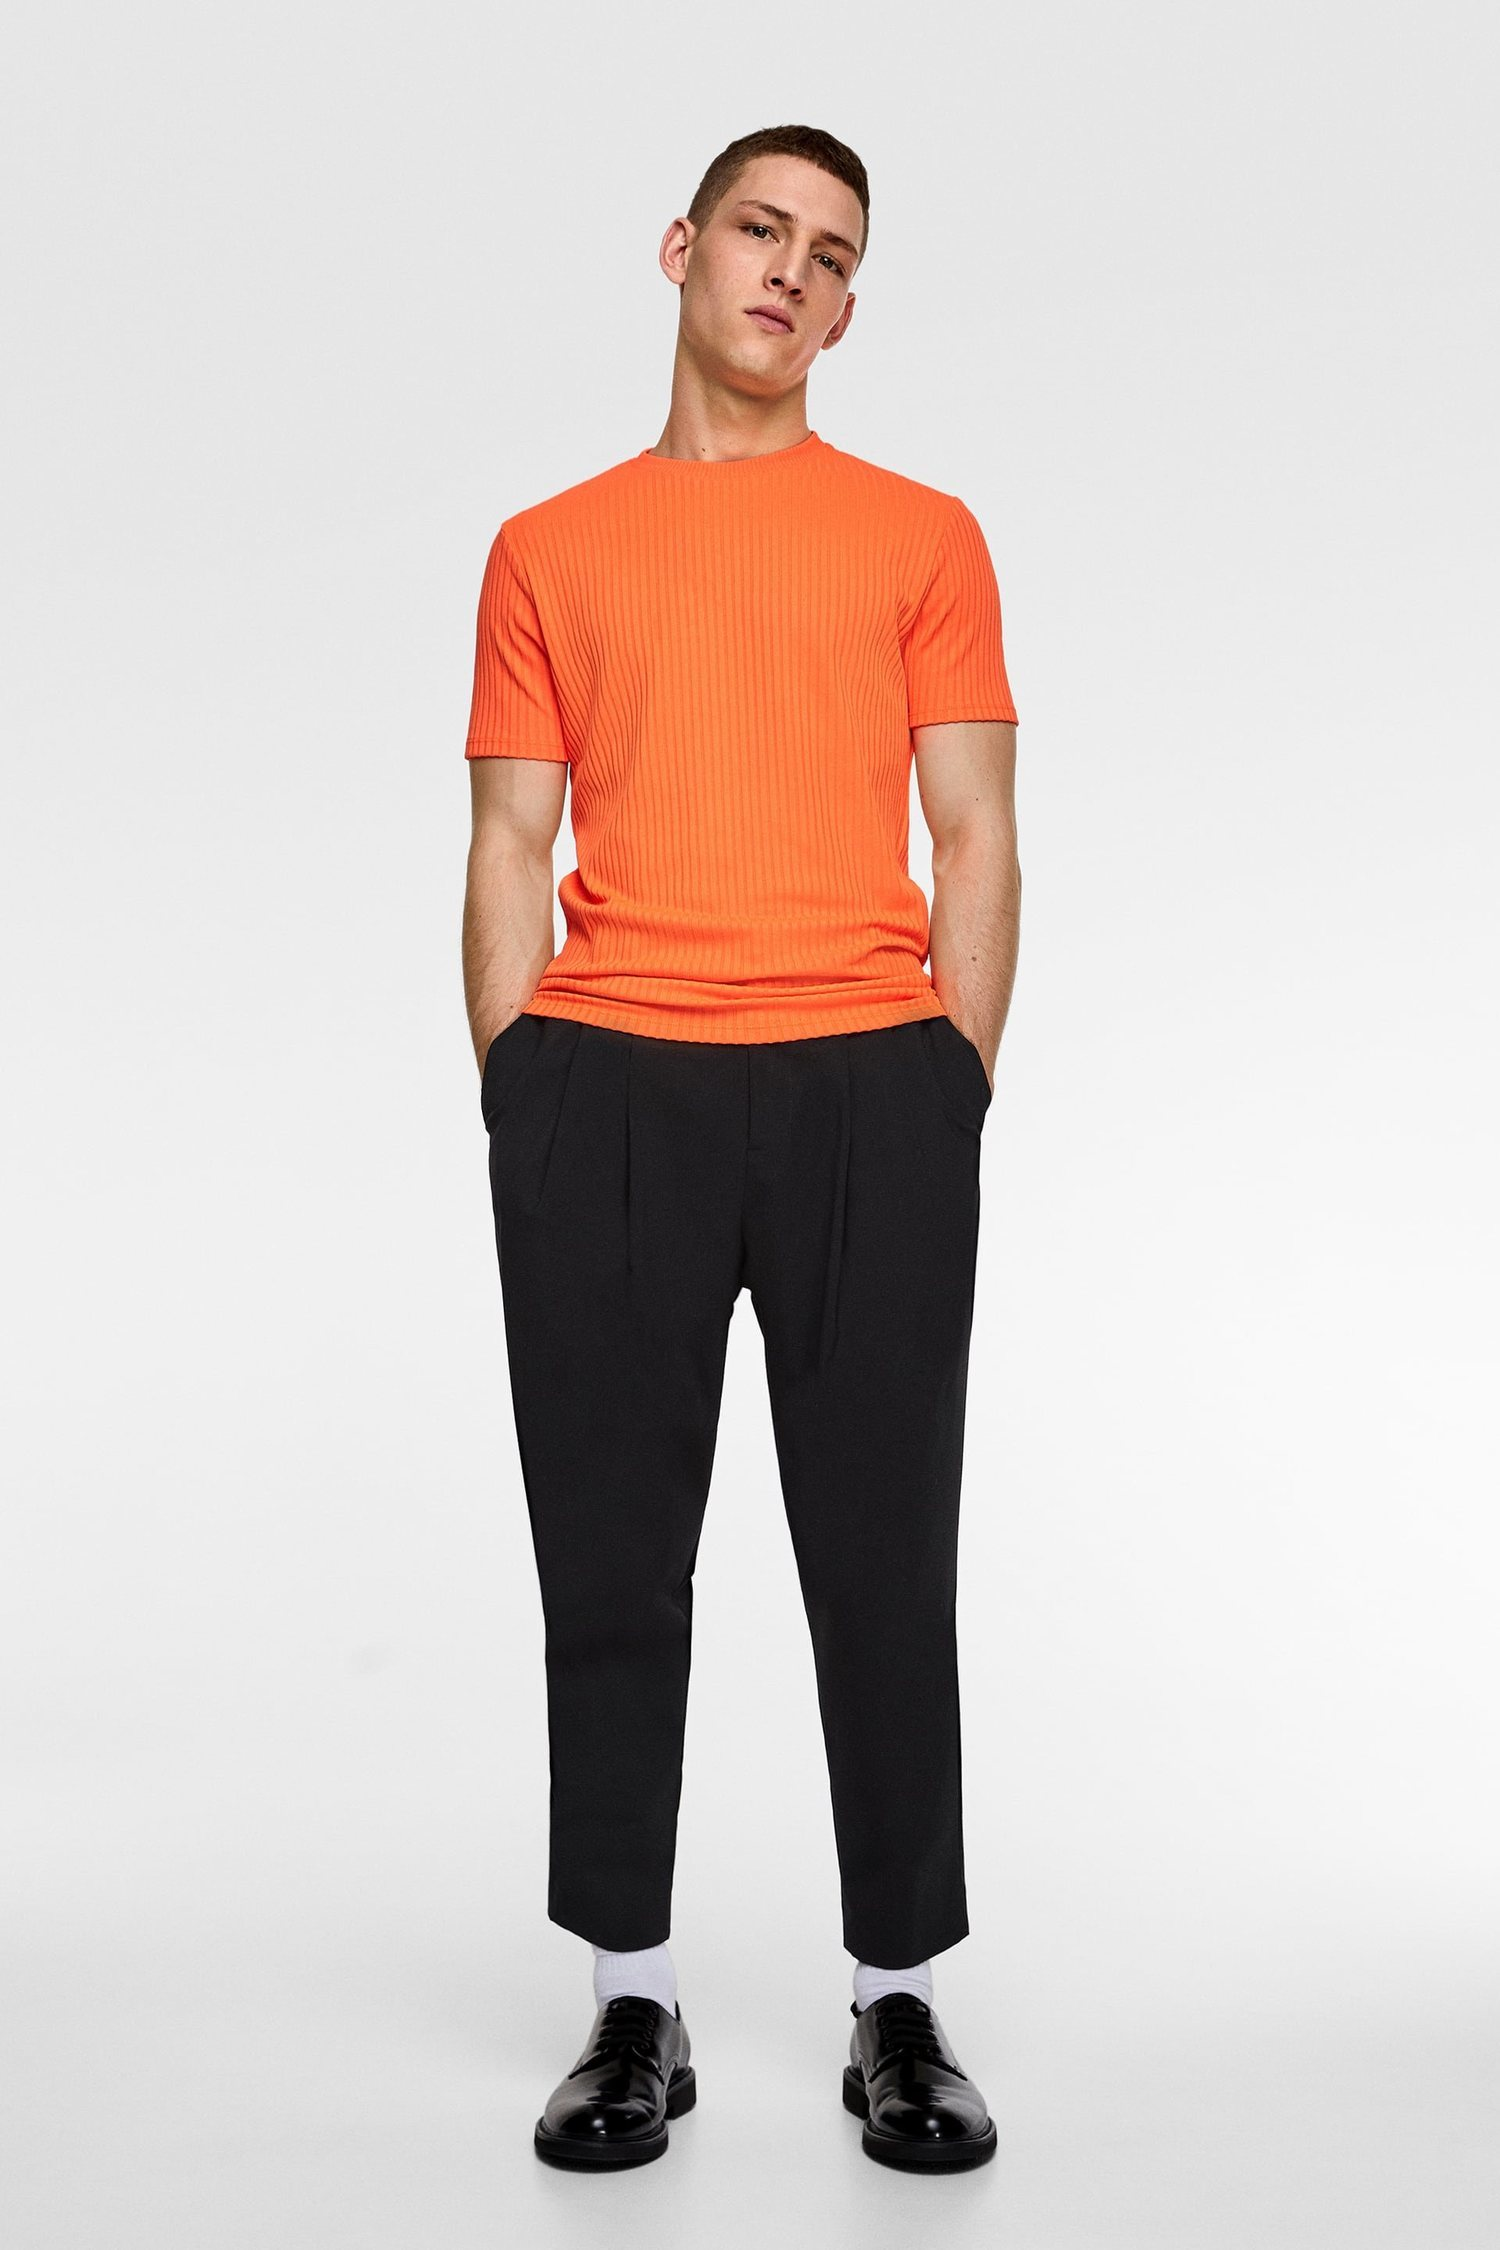 El naranja por fin podría tener su hueco en la moda esta primavera.